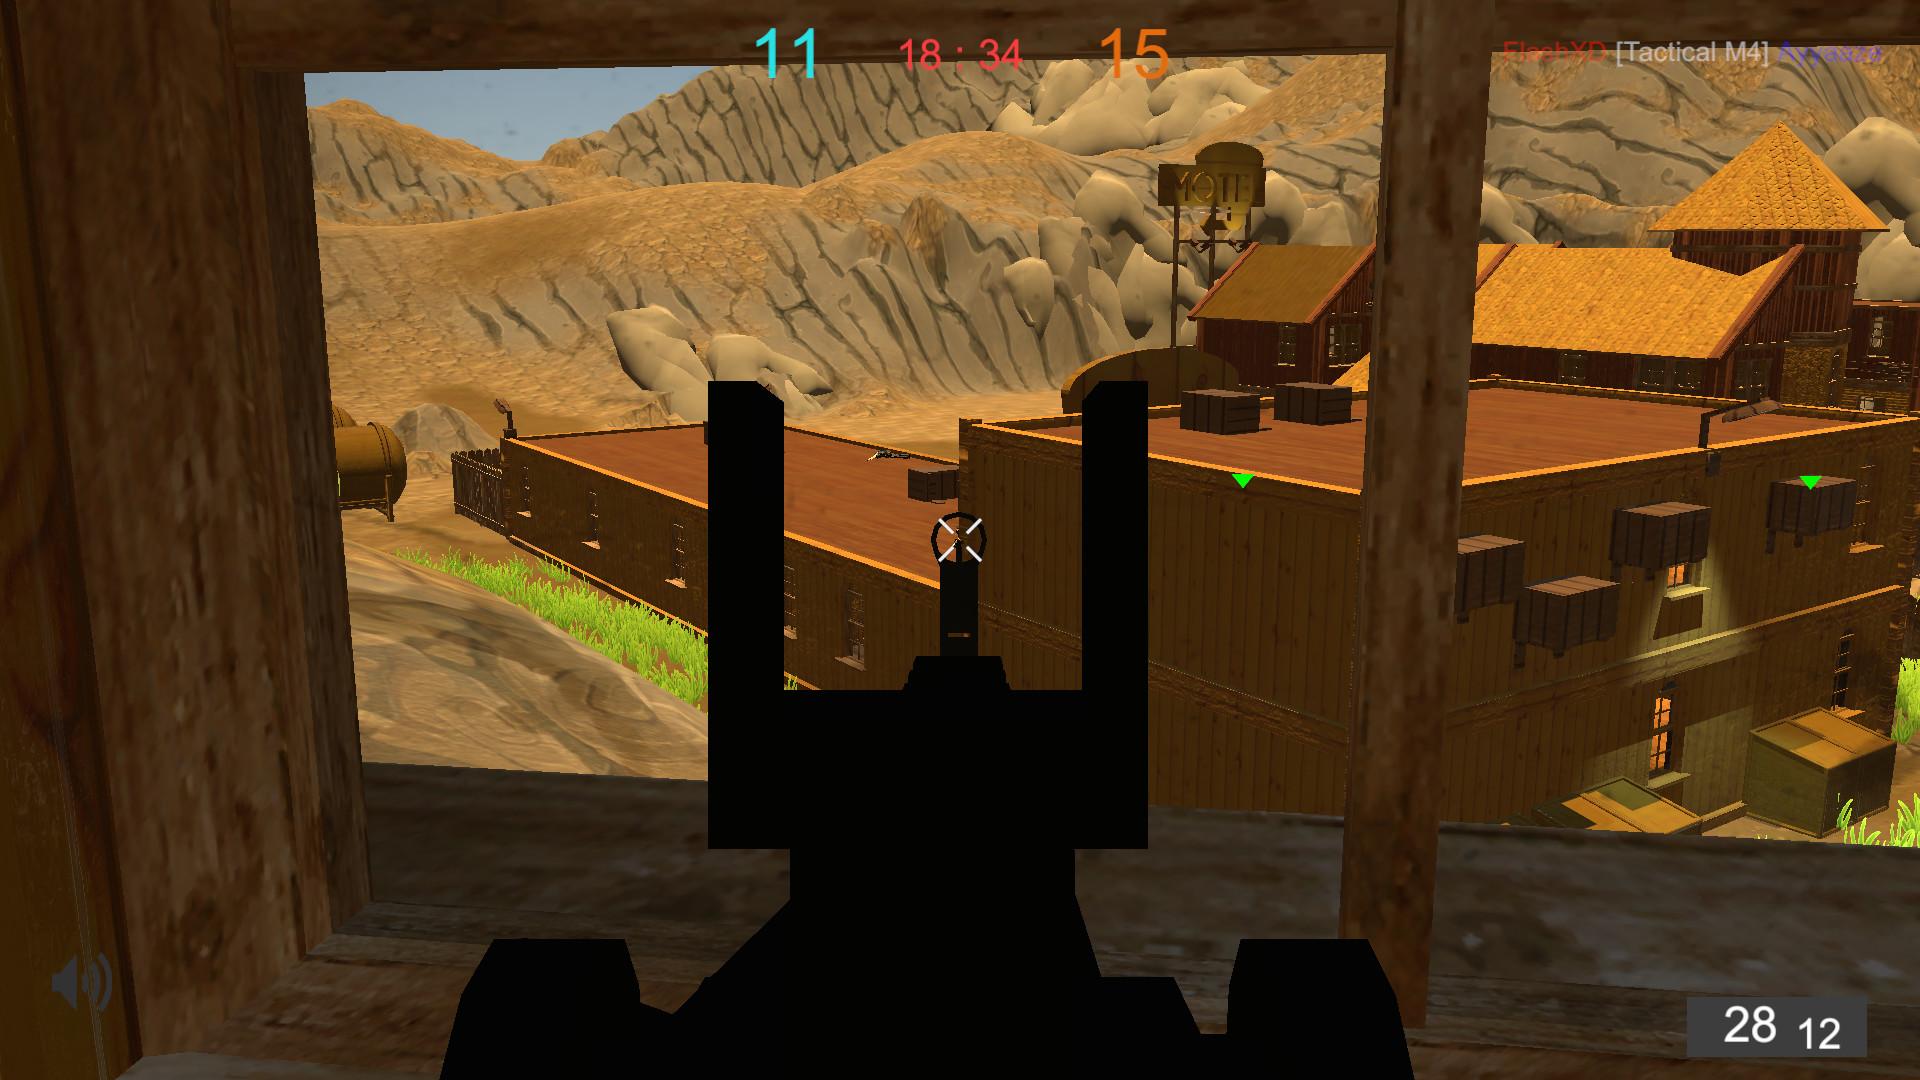 com.steam.661180-screenshot